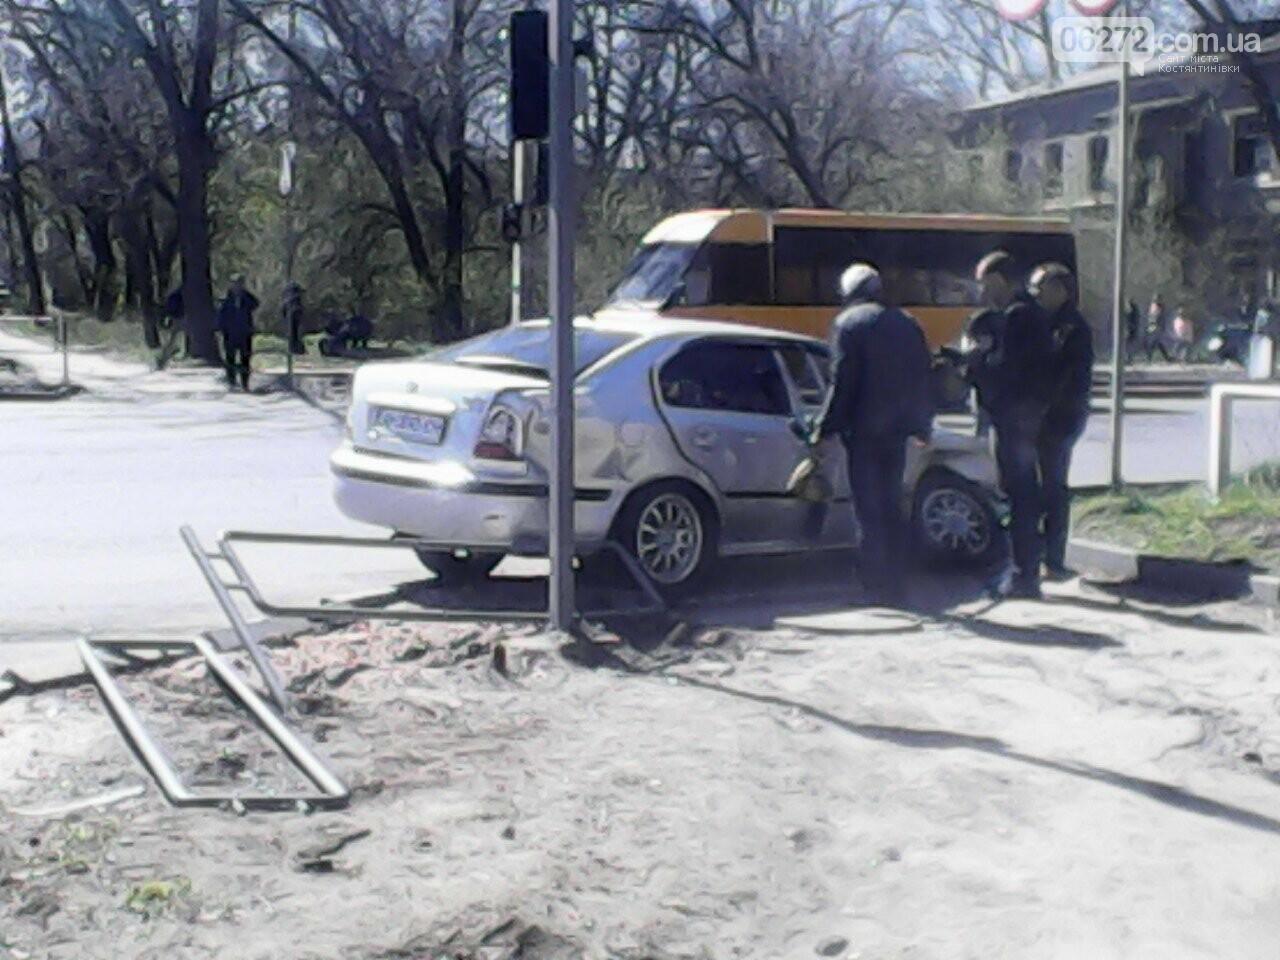 В Константиновке в результате ДТП пострадали трое человек, фото-2